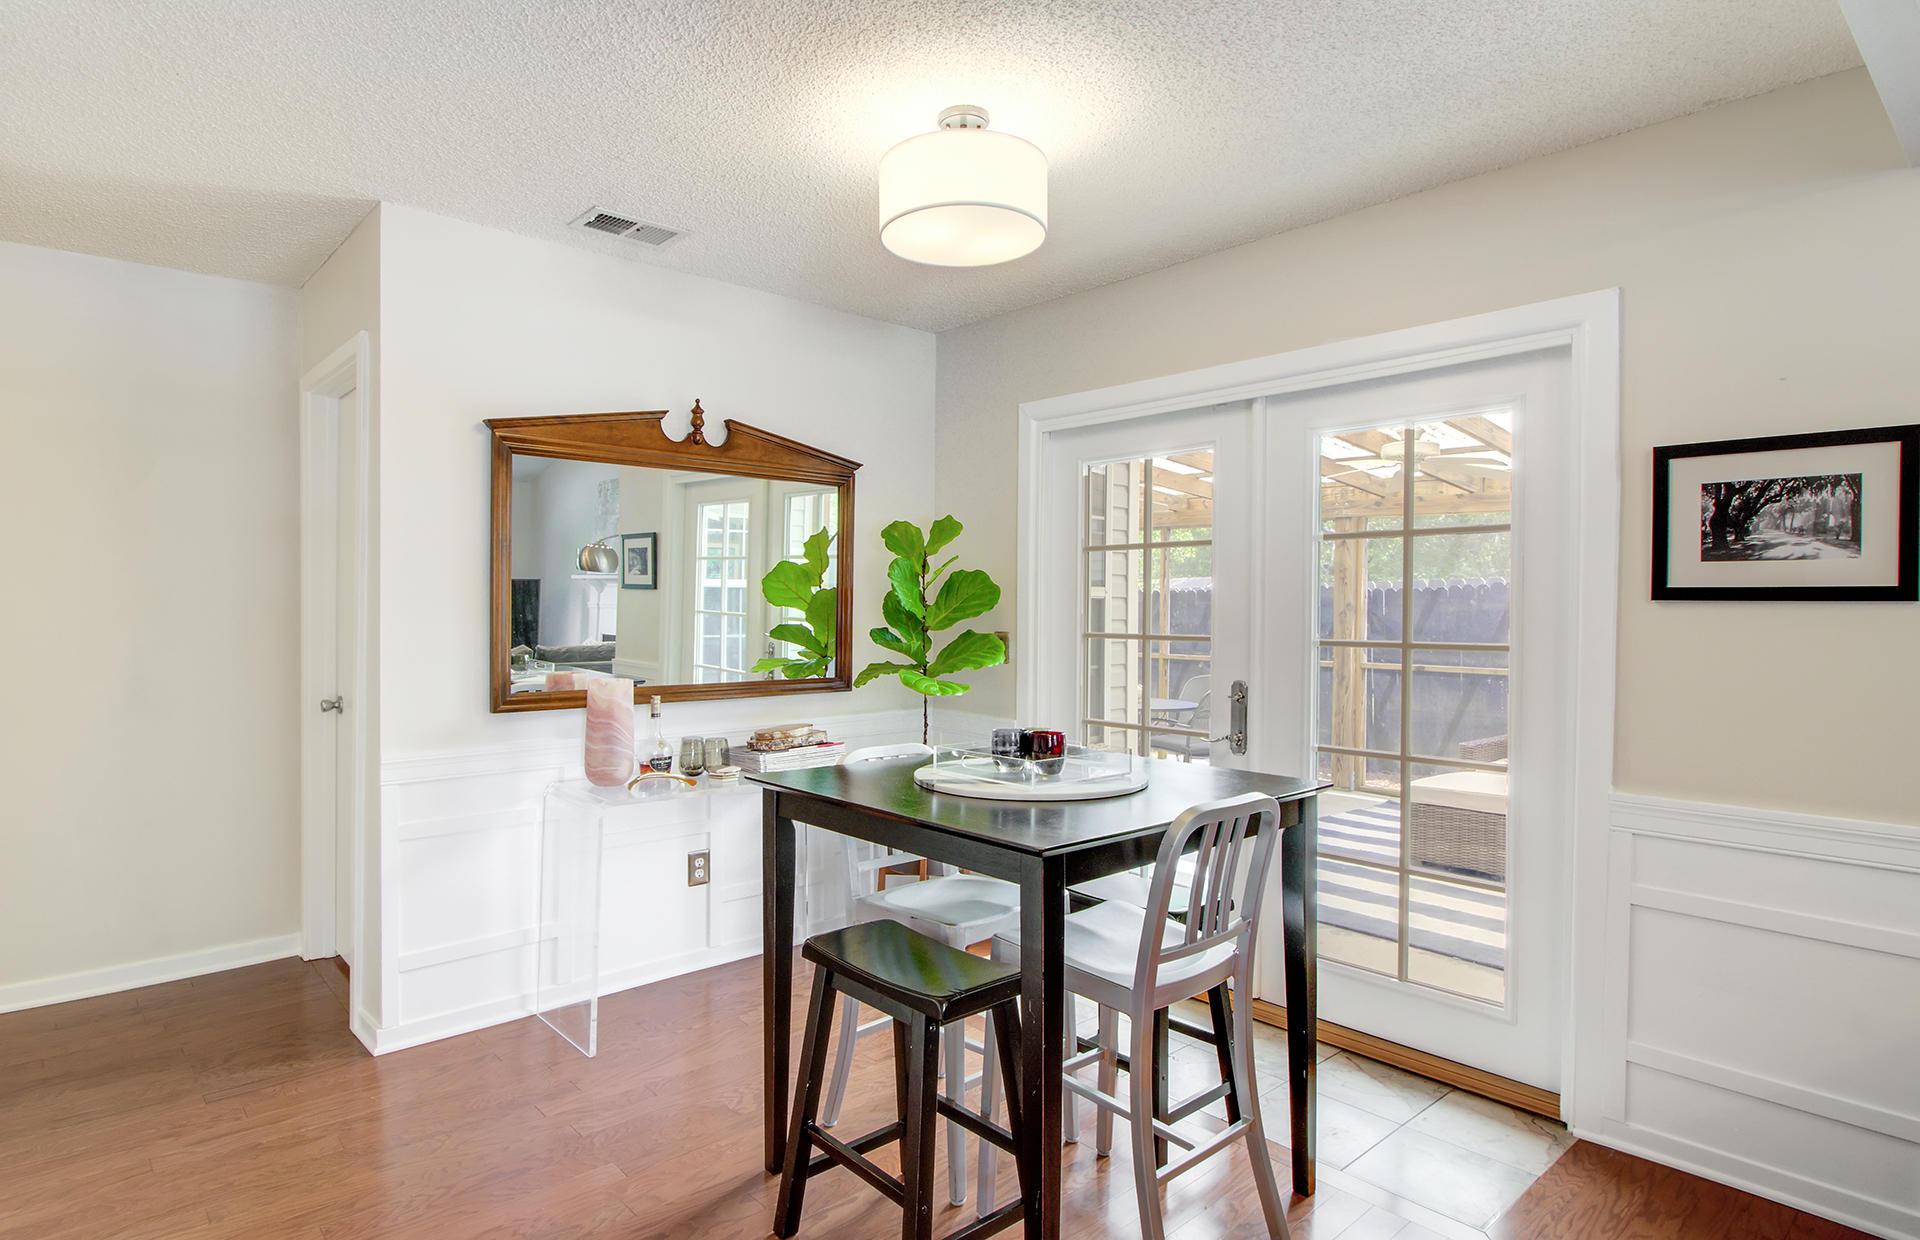 Willow Walk Homes For Sale - 1157 Oakcrest, Charleston, SC - 28